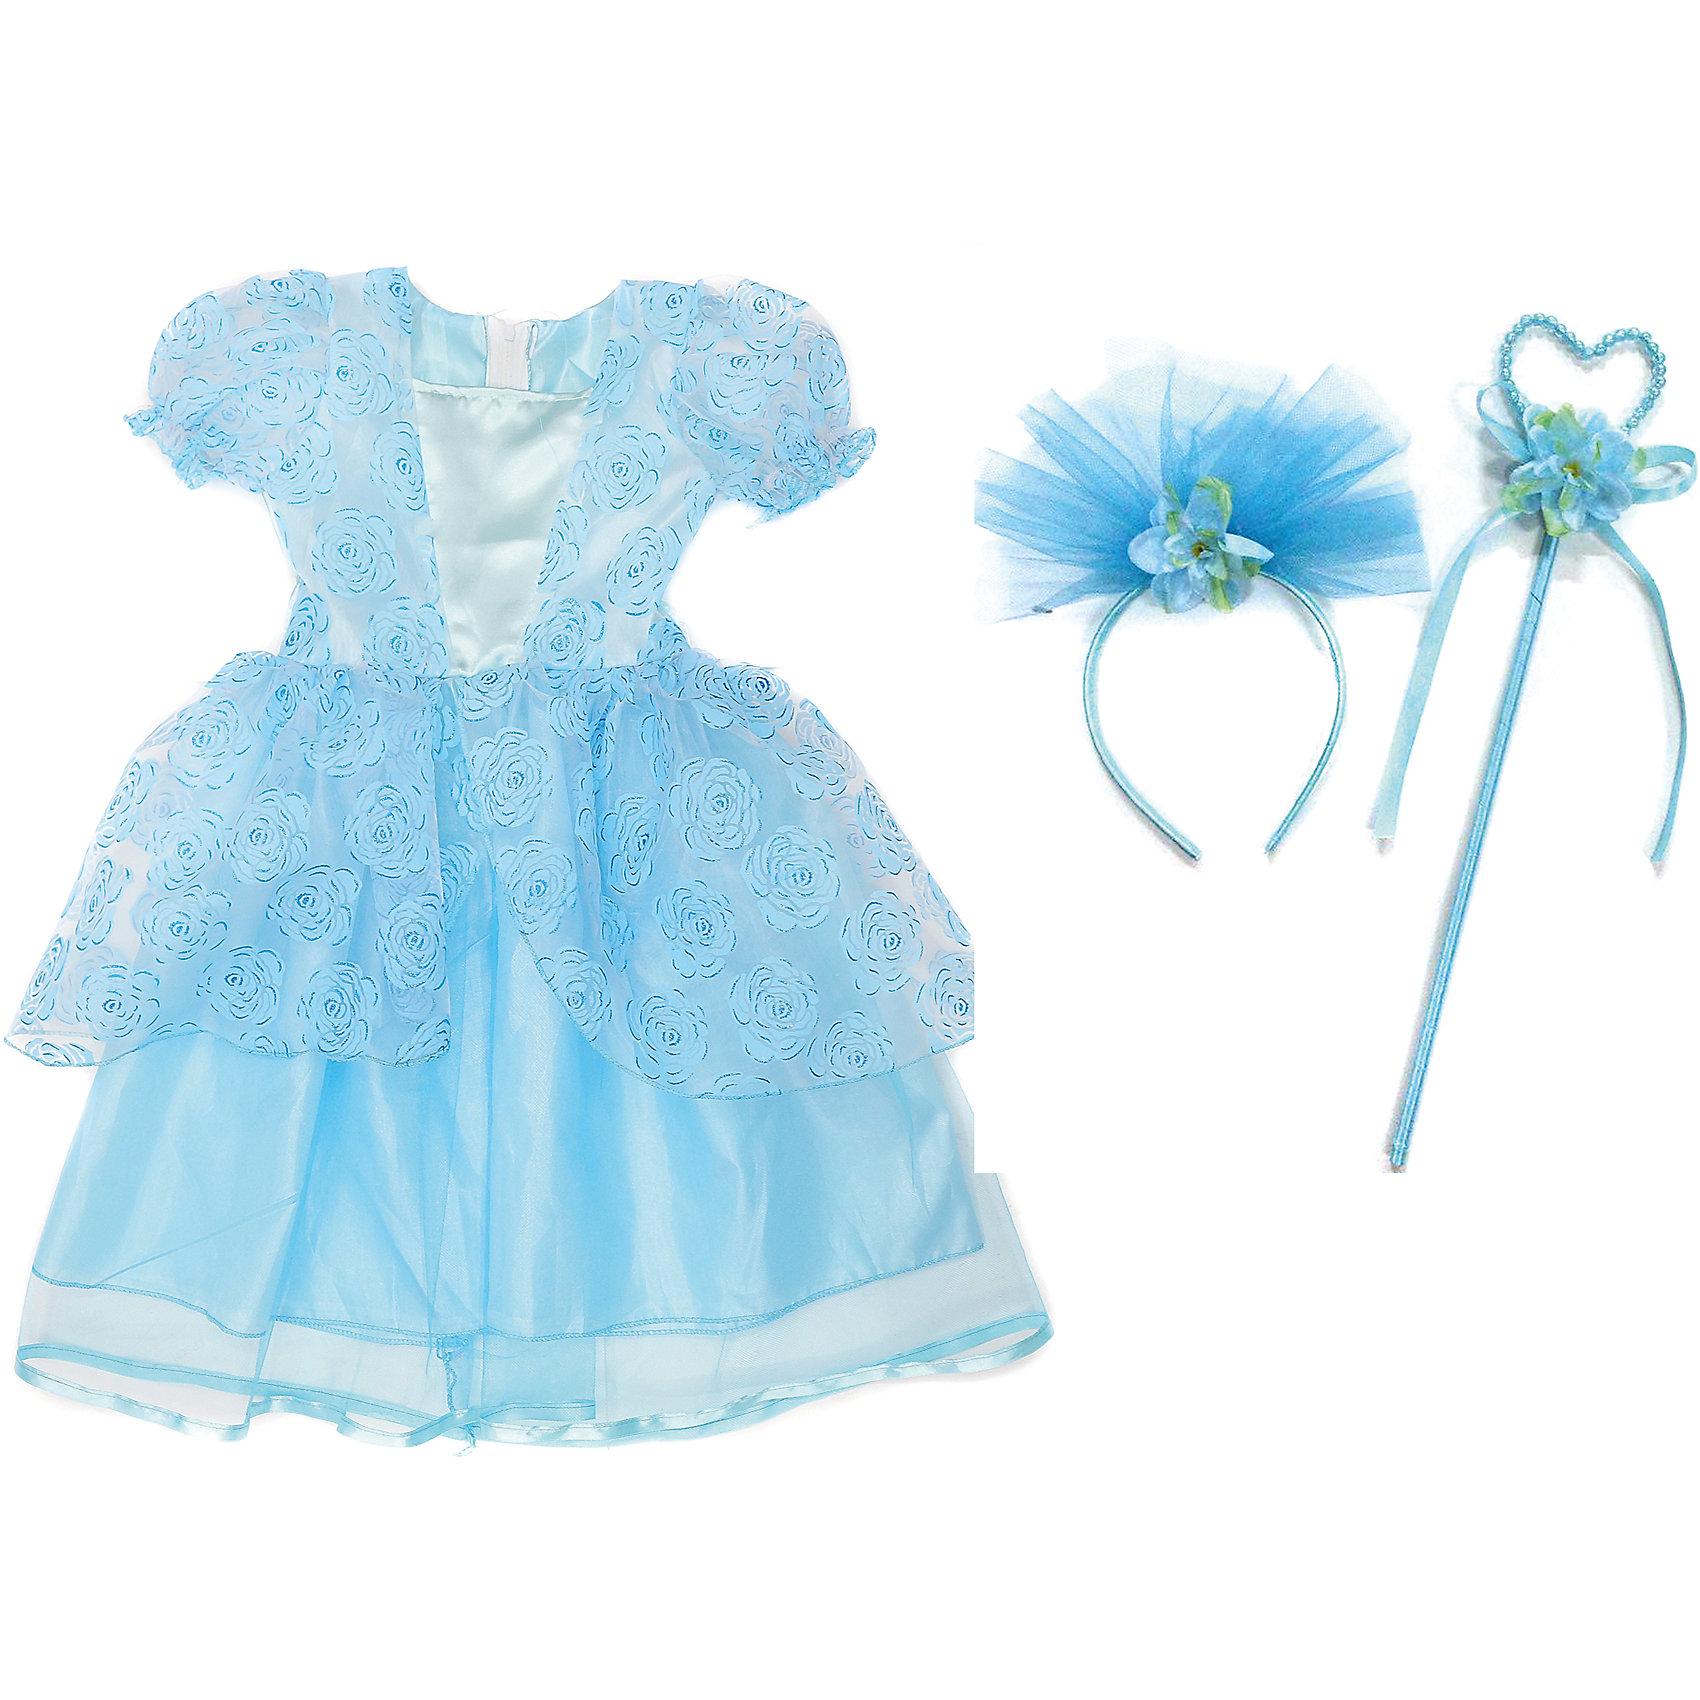 Костюм Зимняя принцесса, 65 см, Новогодняя сказкаХарактеристики товара:<br><br>• цвет: голубой<br>• комплектация: платье, ободок, палочка<br>• материал: текстиль, пластик<br>• для праздников и постановок<br>• упаковка: пакет<br>• длина платья: 65 см<br>• возраст: от 3 лет<br>• страна бренда: Российская Федерация<br>• страна изготовитель: Российская Федерация<br><br>Новогодние праздники - отличная возможность перевоплотиться в кого угодно, надев маскарадный костюм. Этот набор позволит ребенку мгновенно превратиться в принцессу!<br>Он состоит из нескольких предметов, которые подойдут дошкольникам. Изделия удобно сидят и позволяют ребенку наслаждаться праздником или принимать участие в постановке. Модель хорошо проработана, сшита из качественных и проверенных материалов, которые безопасны для детей.<br><br>Костюм Зимняя принцесса, 65 см, от бренда Новогодняя сказка можно купить в нашем интернет-магазине.<br><br>Ширина мм: 455<br>Глубина мм: 690<br>Высота мм: 30<br>Вес г: 167<br>Возраст от месяцев: 60<br>Возраст до месяцев: 120<br>Пол: Женский<br>Возраст: Детский<br>SKU: 5177227